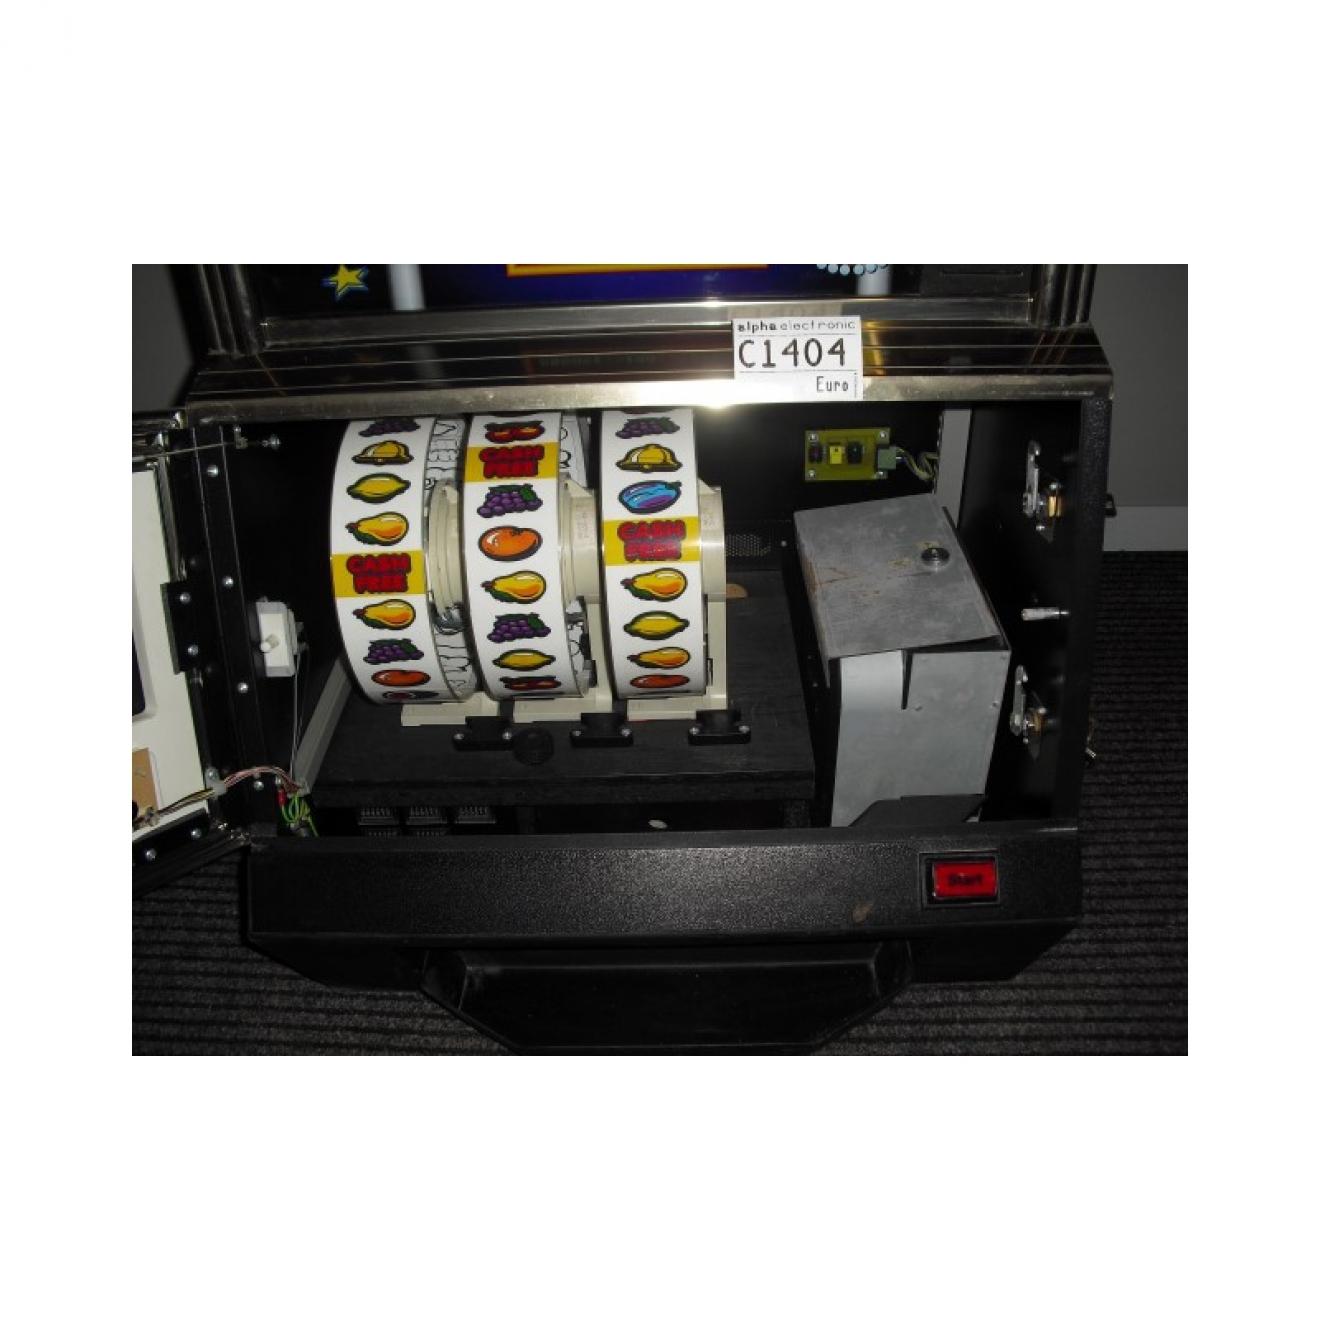 casino play online free berechnung nettoerlös